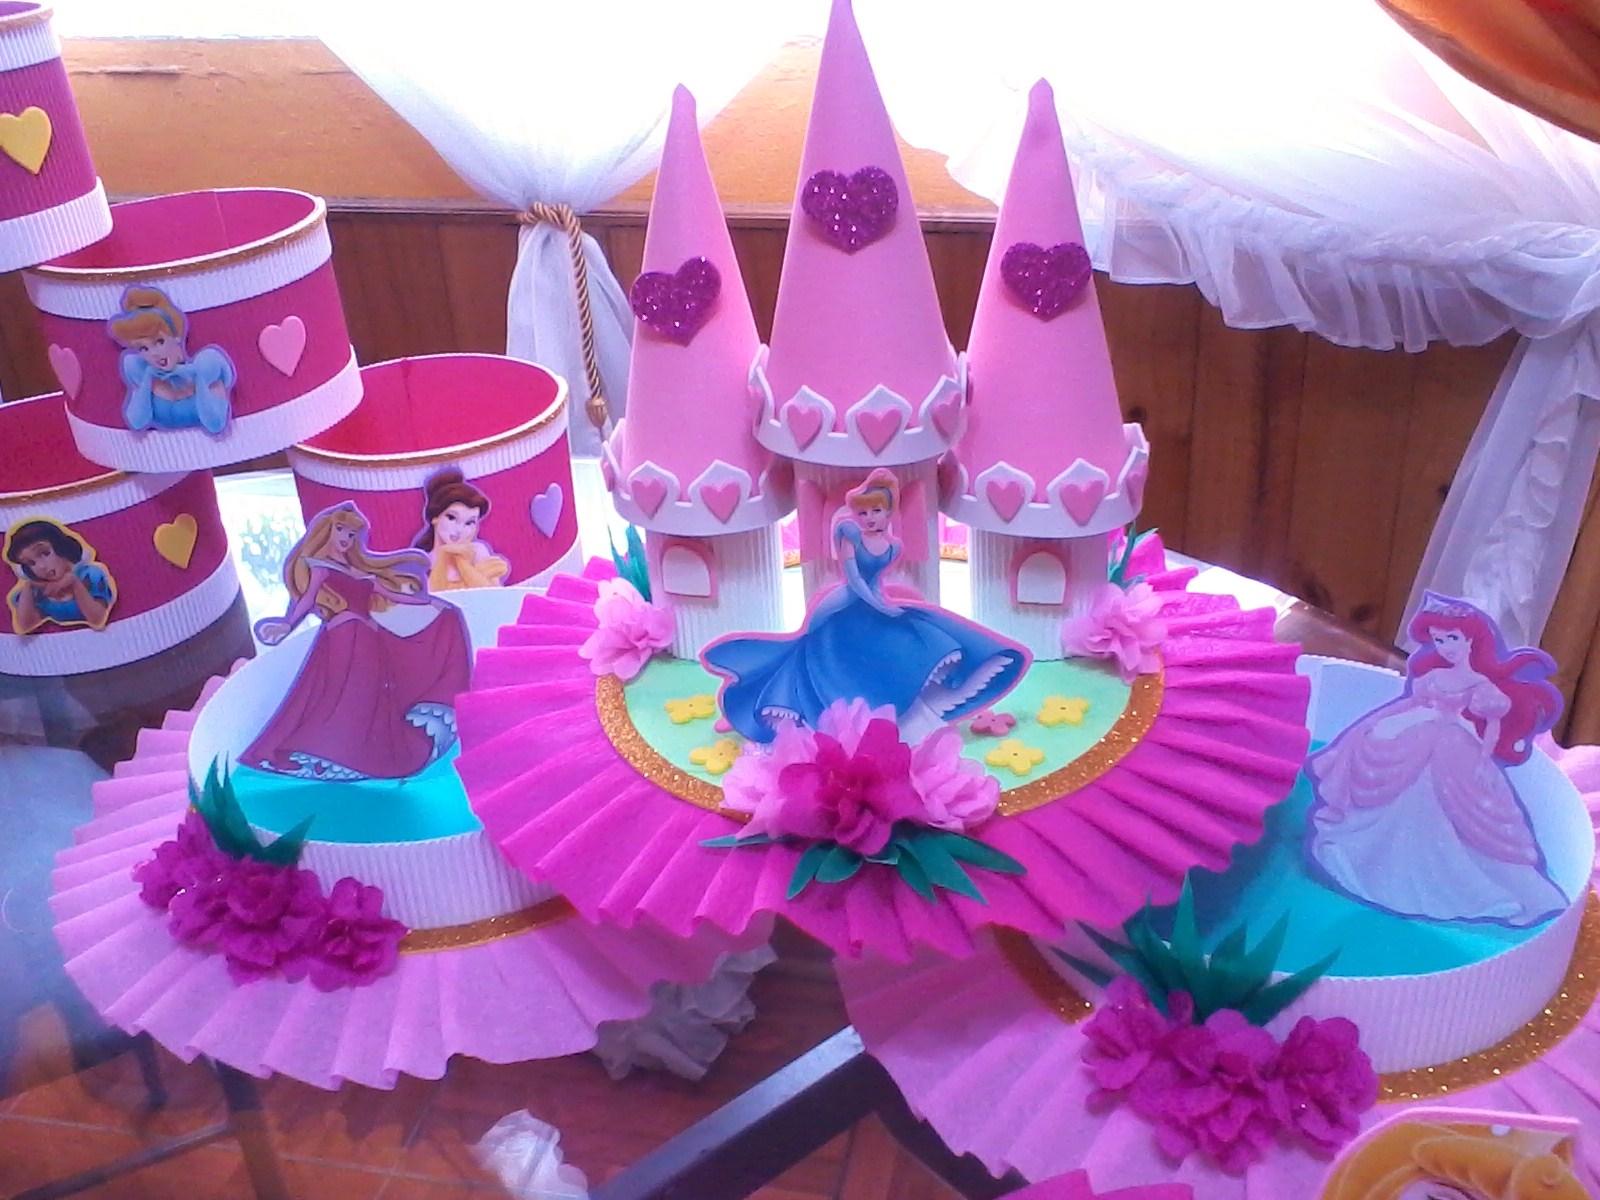 Decoraciones infantiles septiembre 2011 for Decoracion de princesas